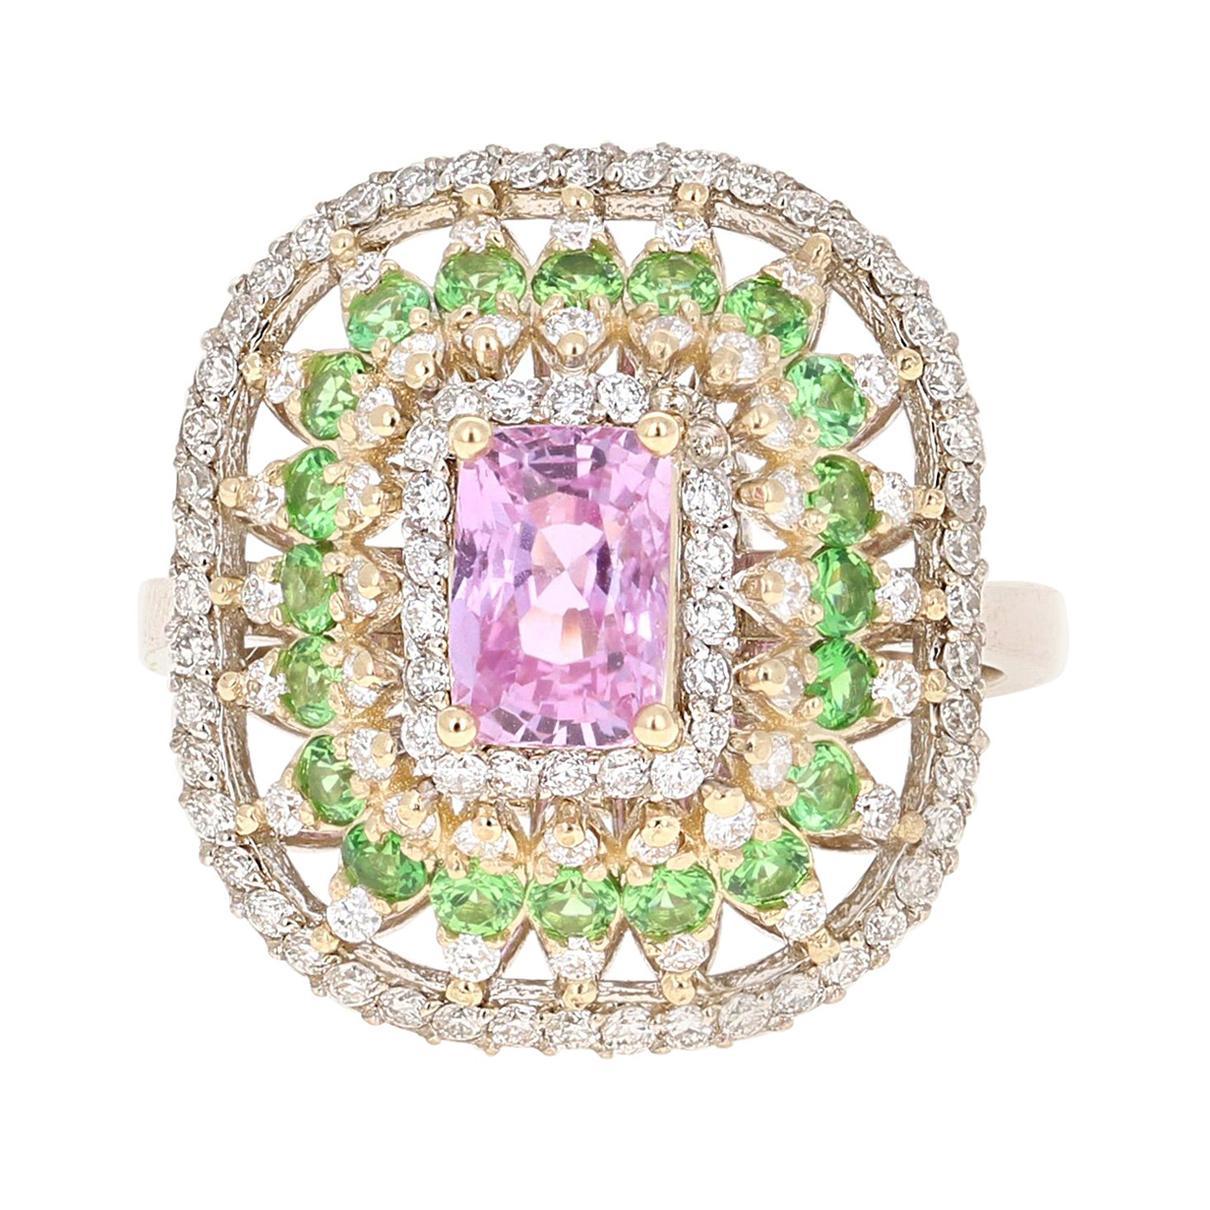 2.91 Carat Pink Sapphire Tsavorite Diamond 14 Karat White Gold Ring GIA Cert